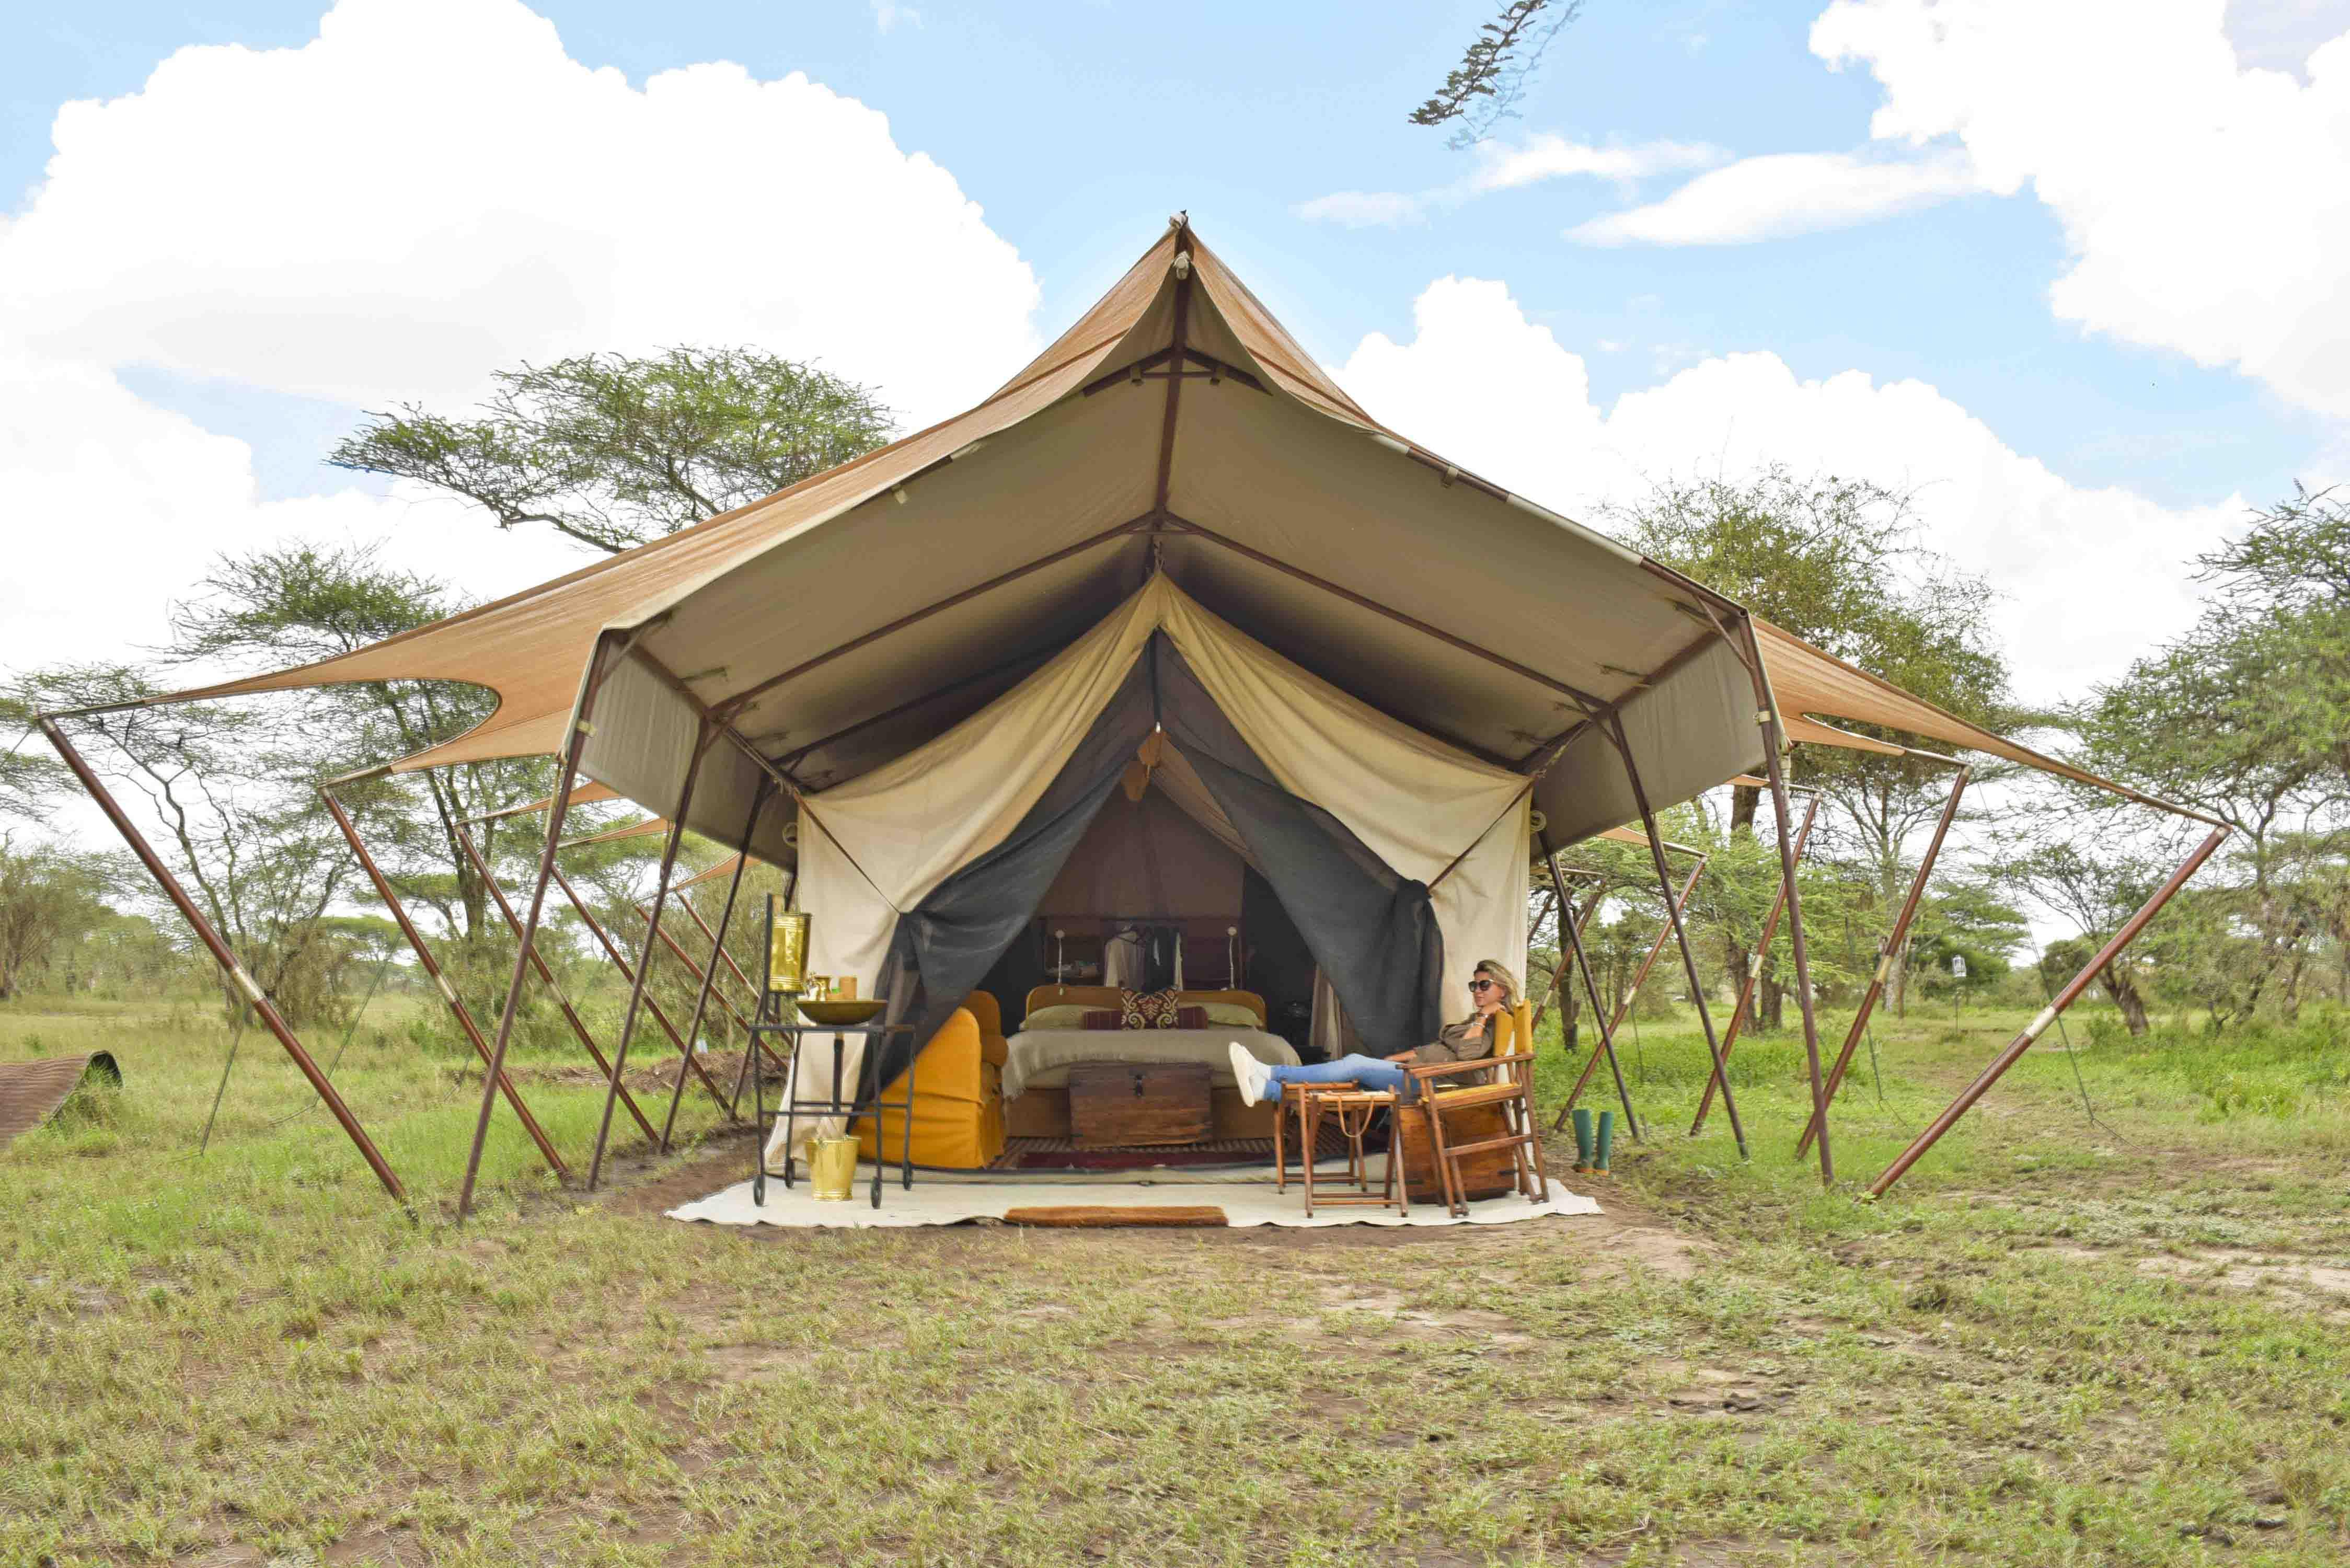 andBeyond Serengeti Under Canvas - acampamento de luxo - safari glamping